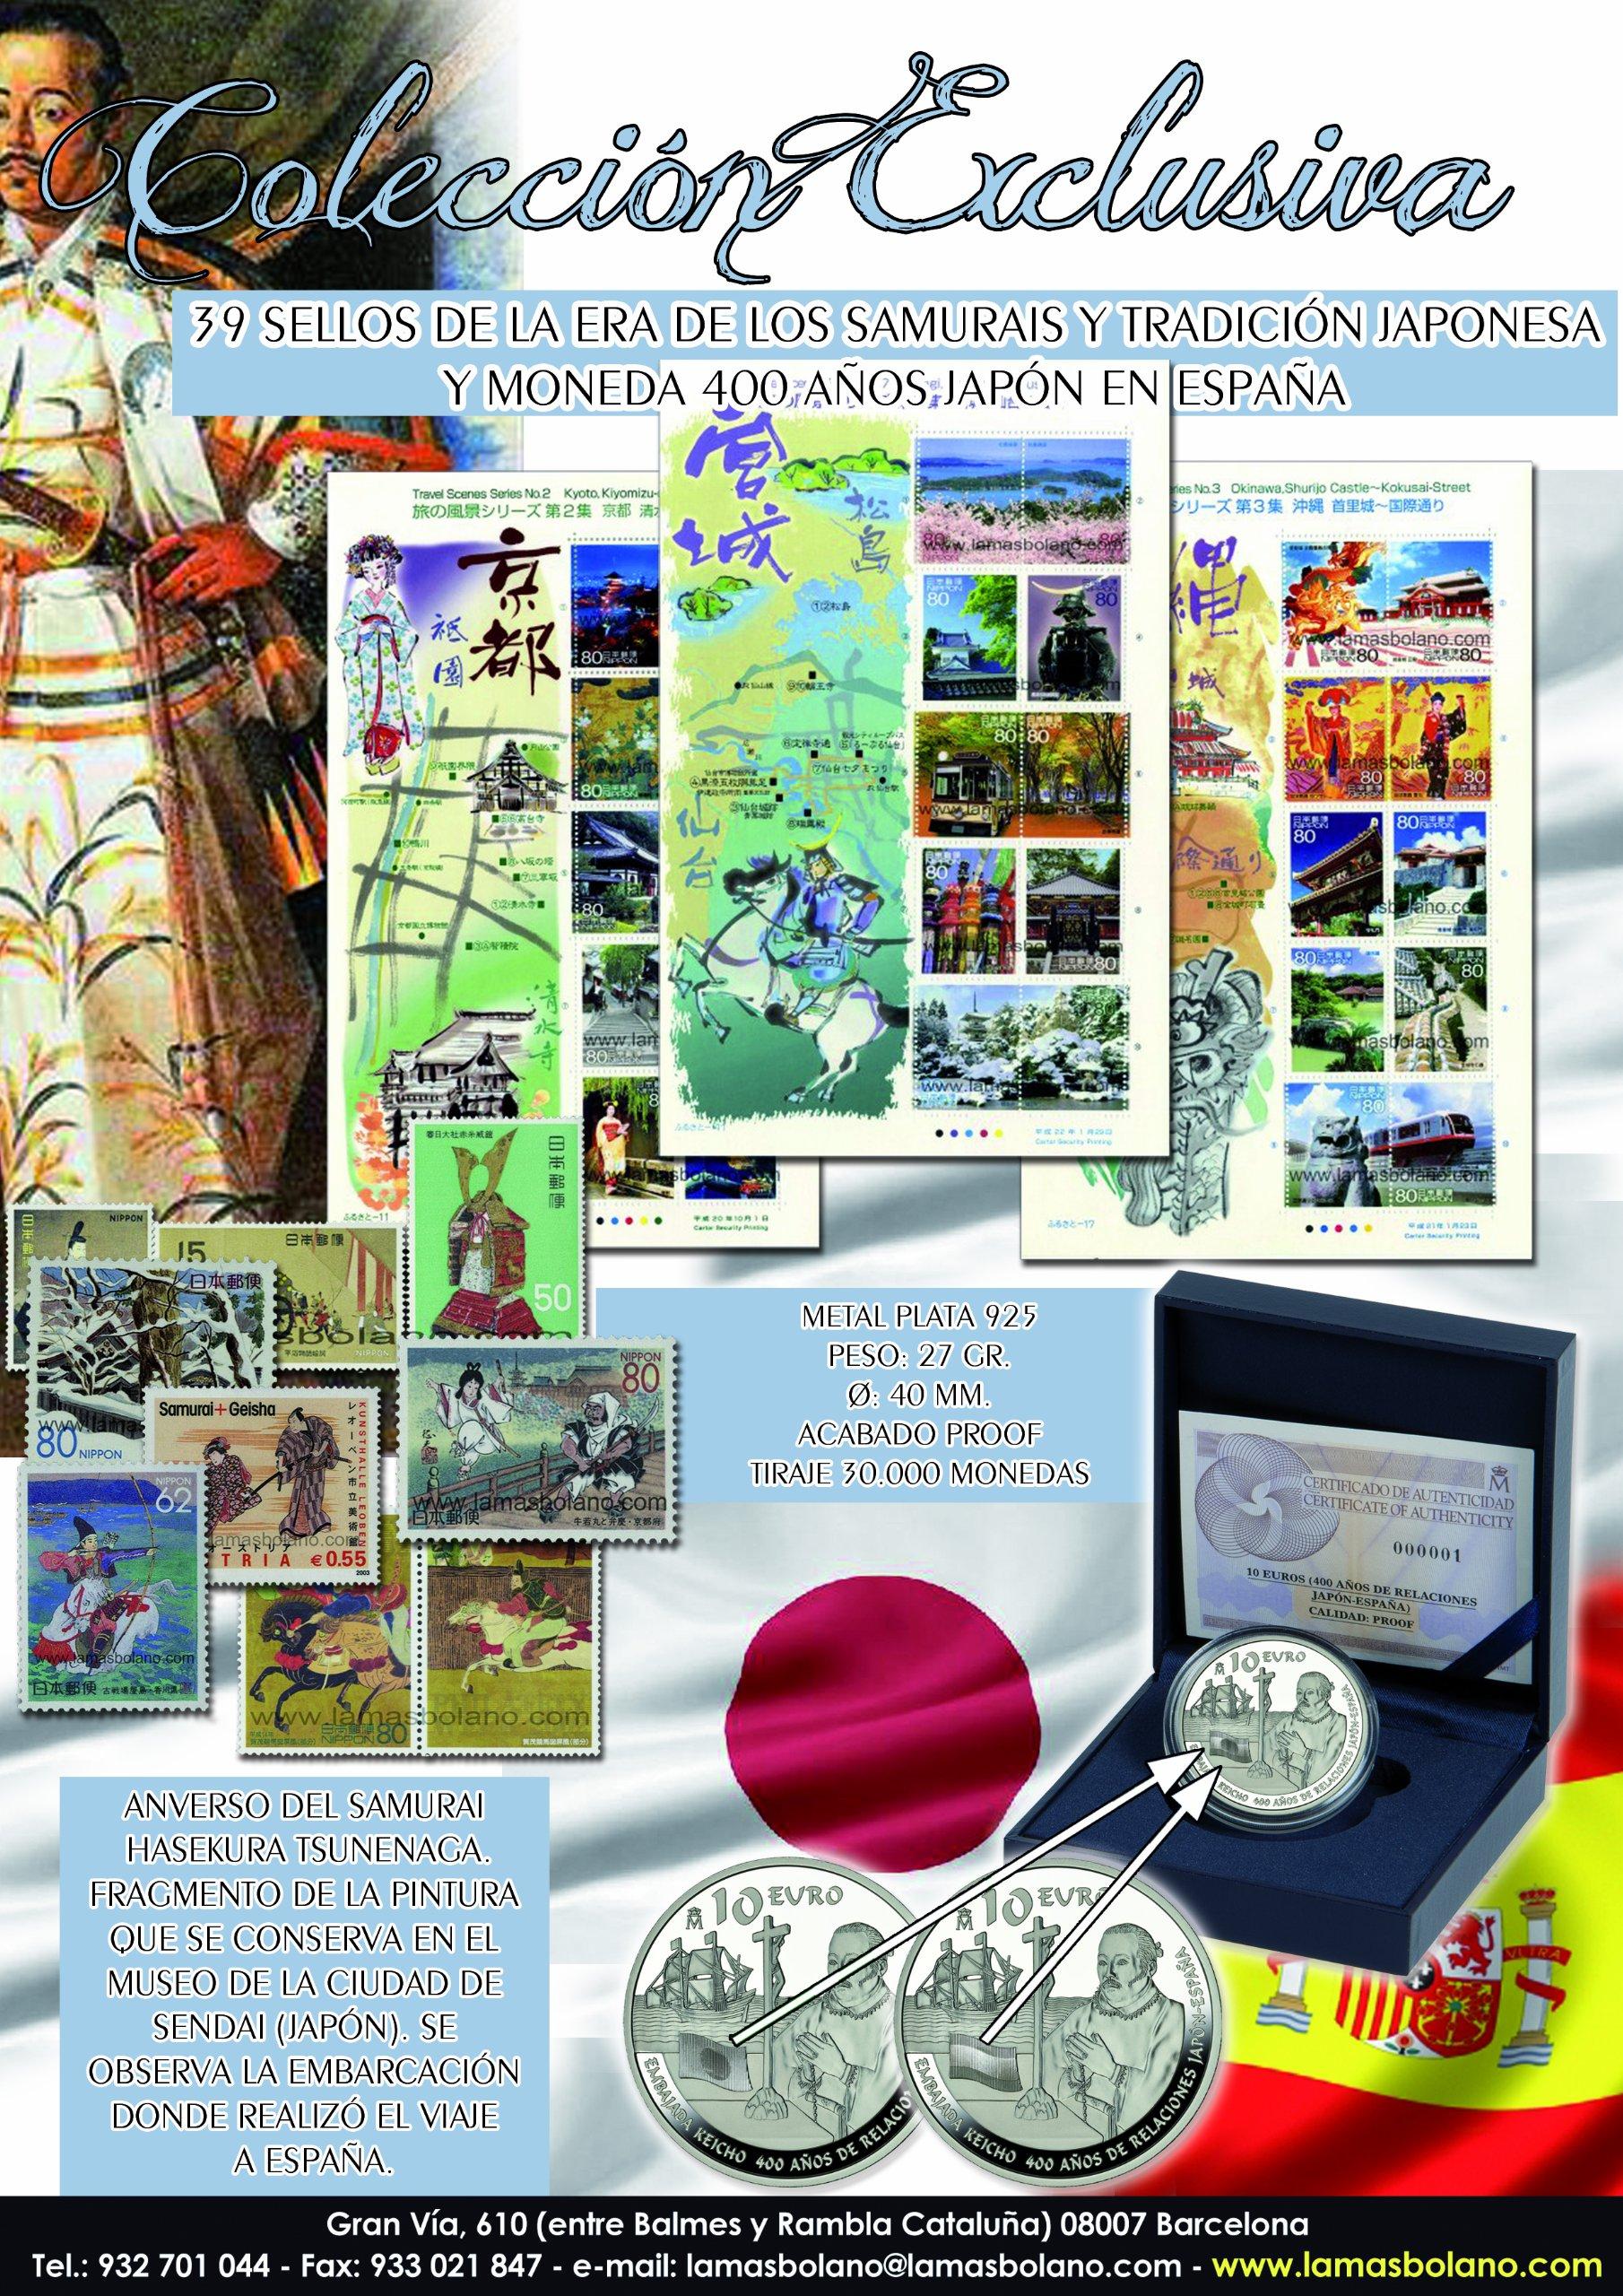 SAMURAIS TRADICION JAPONESA + MONEDA PRINCIPE HASEKURA TSUNENAGA COLECCION SELLOS LAMAS BOLAÑO PACK FILATELIA NUMISMATICA: Amazon.es: LAMAS BOLAÑO: Libros